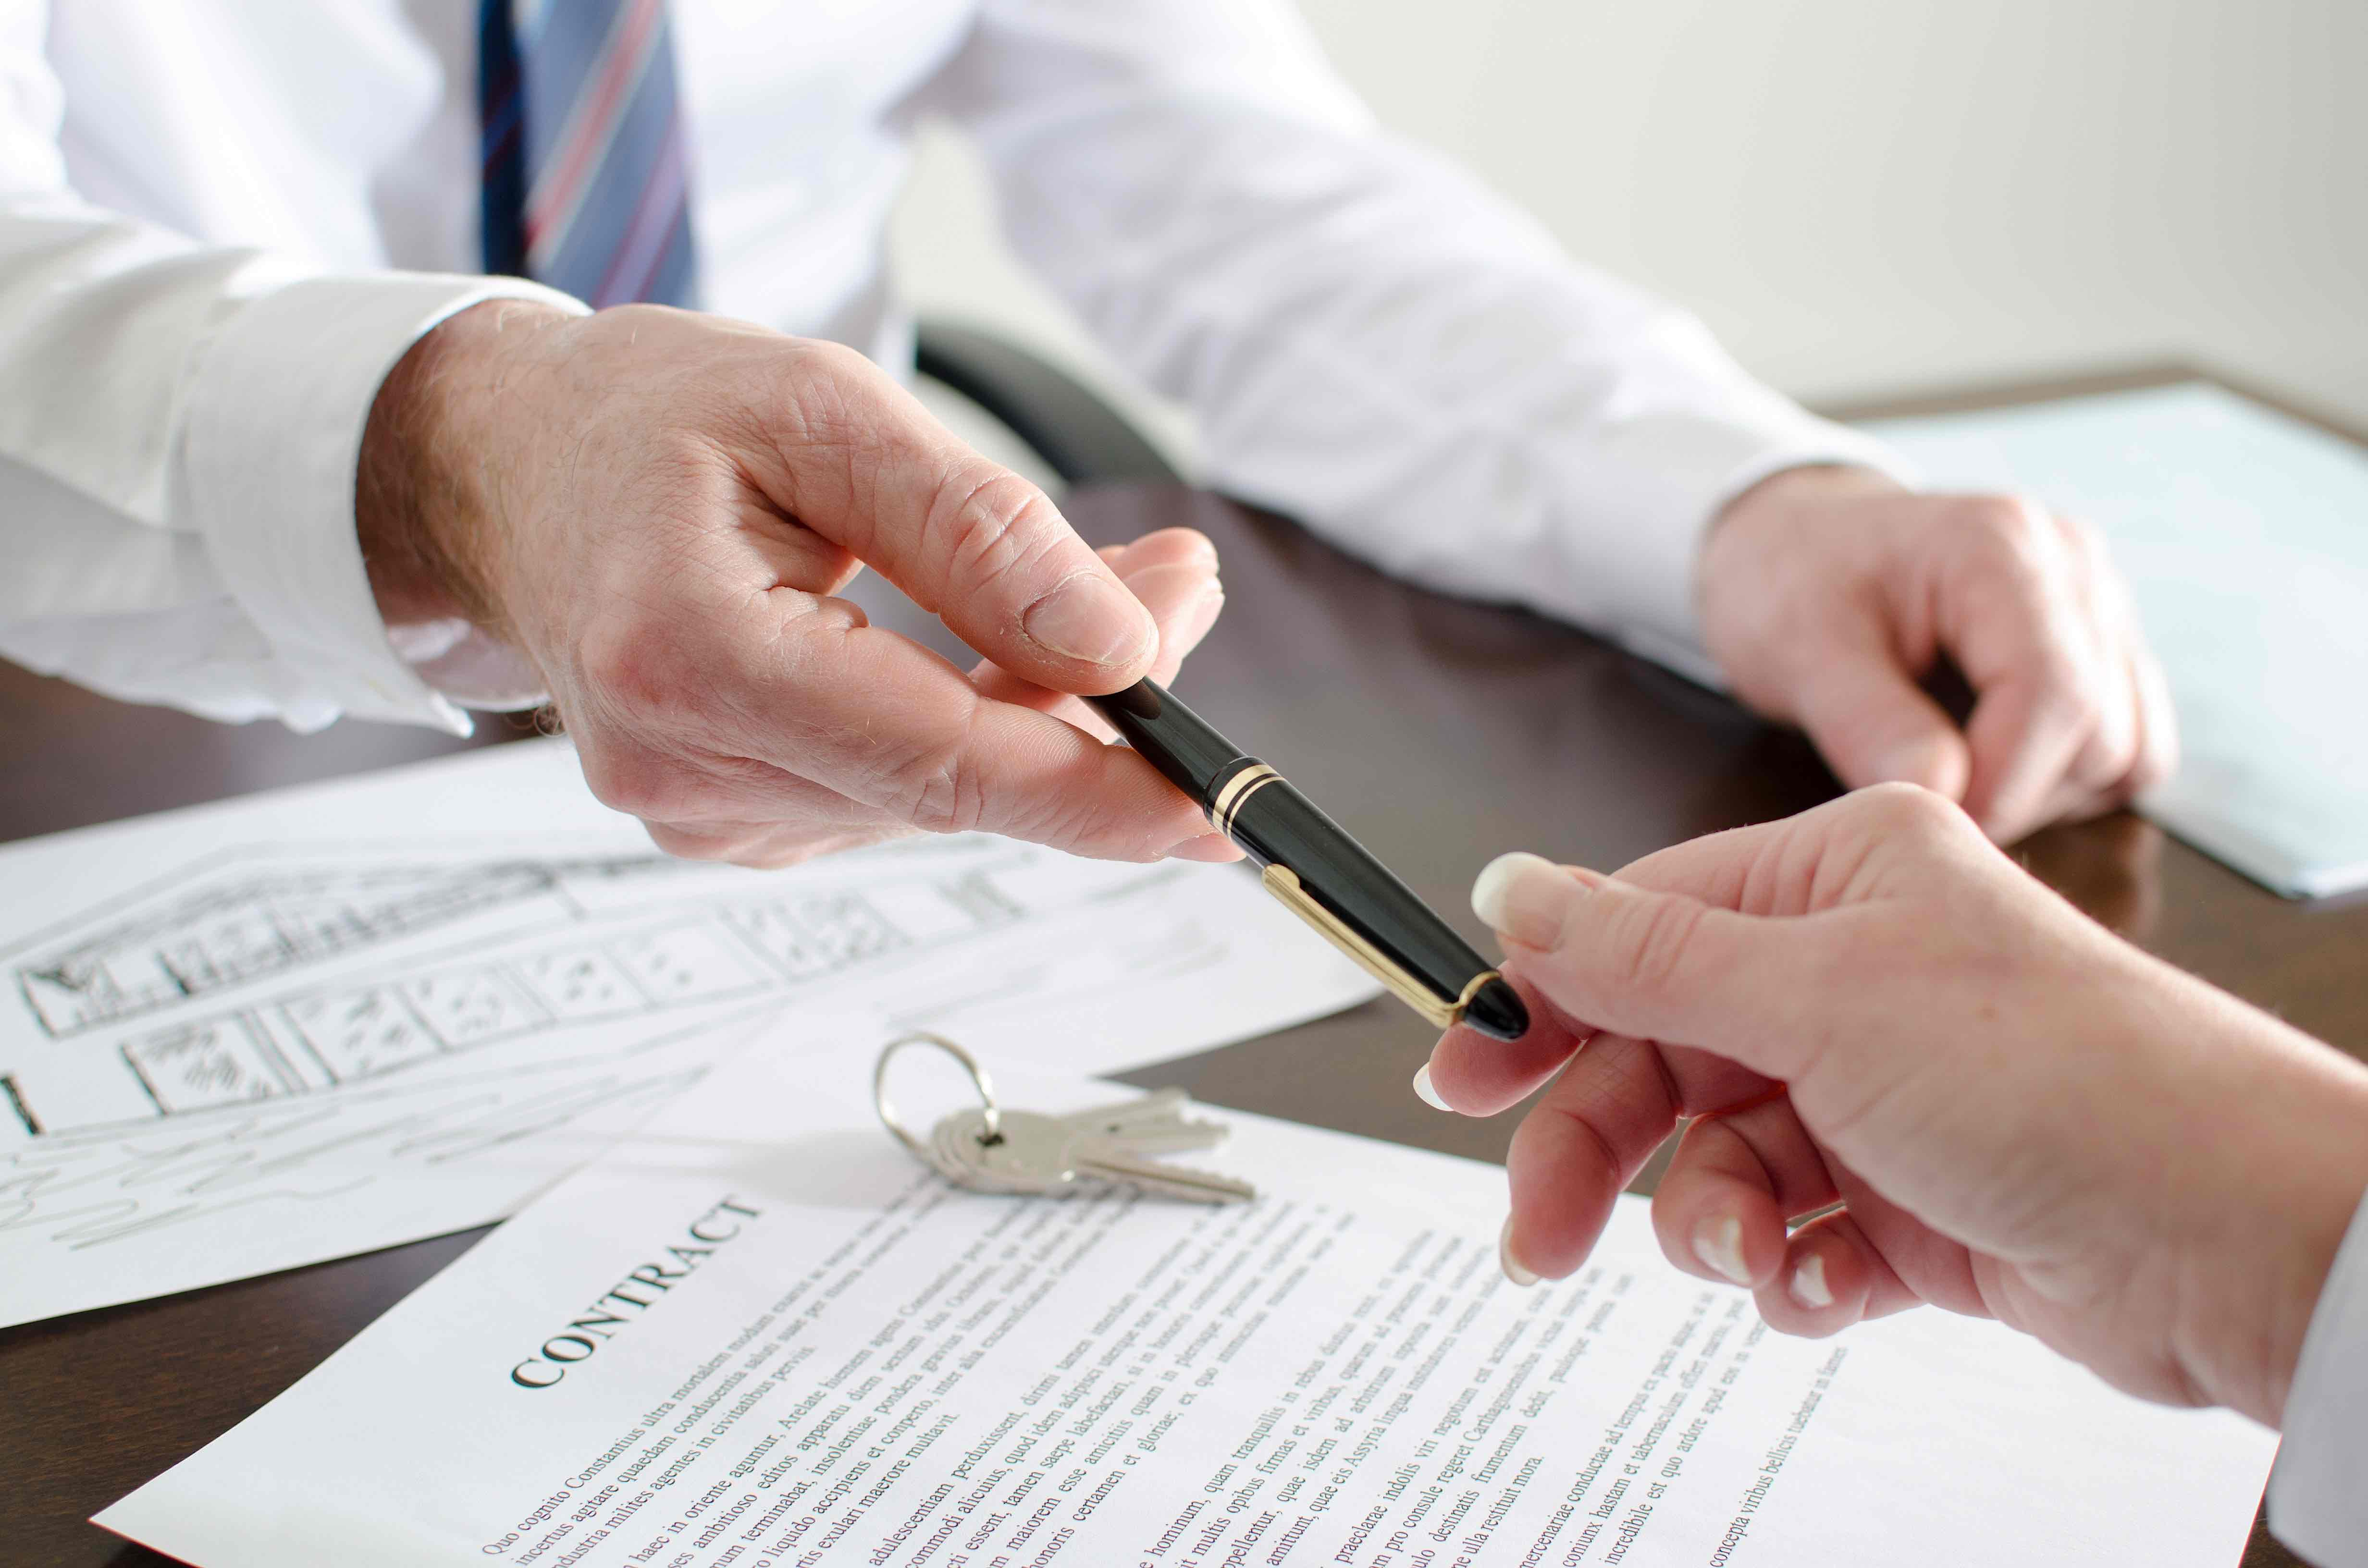 Продажа квартиры в ипотеке: способы и советы